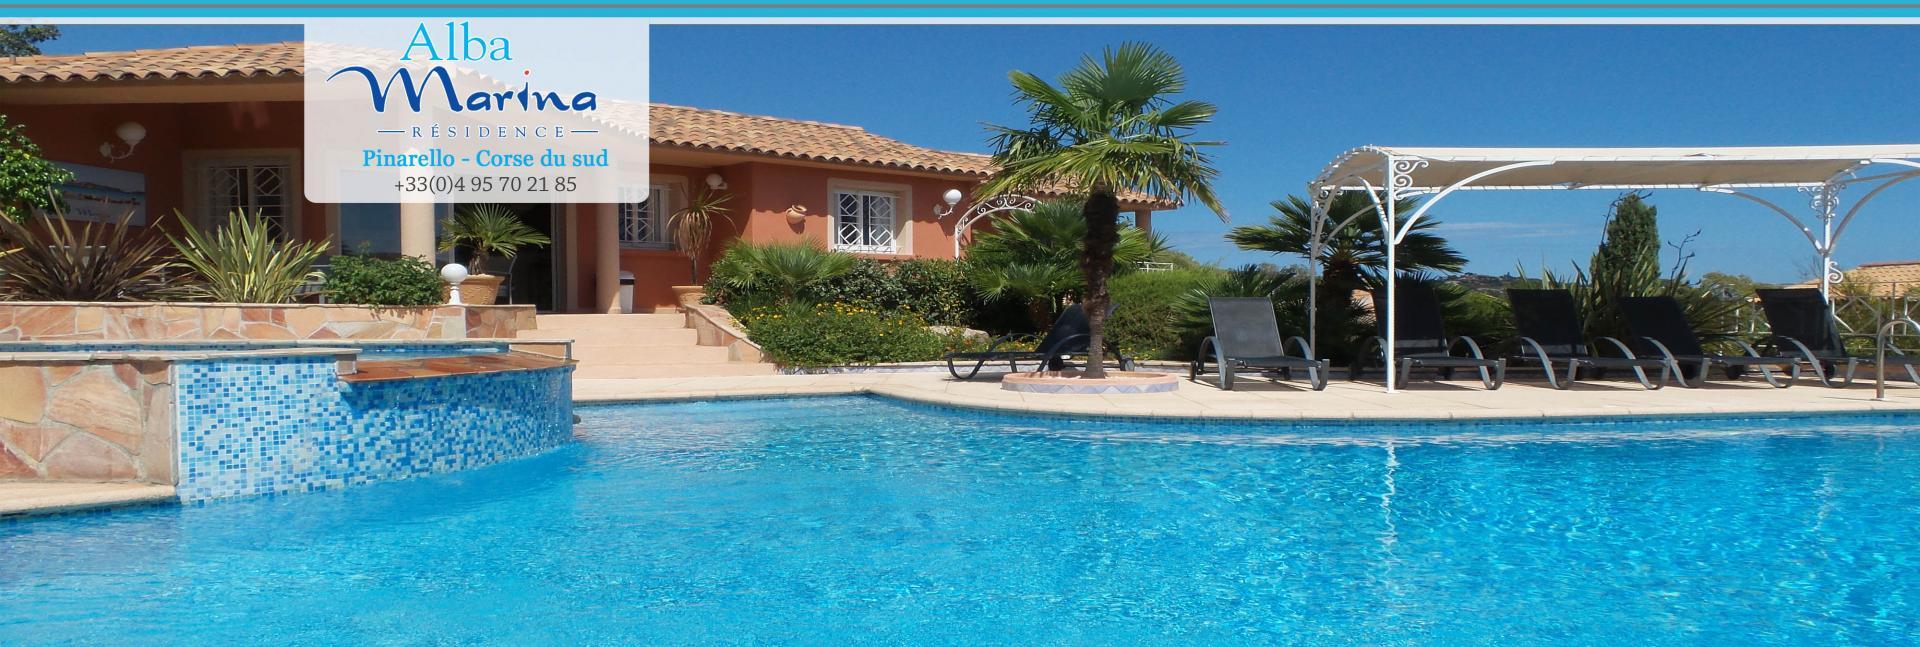 R sidence corse du sud location pinarello alba marina for Residence porto vecchio avec piscine